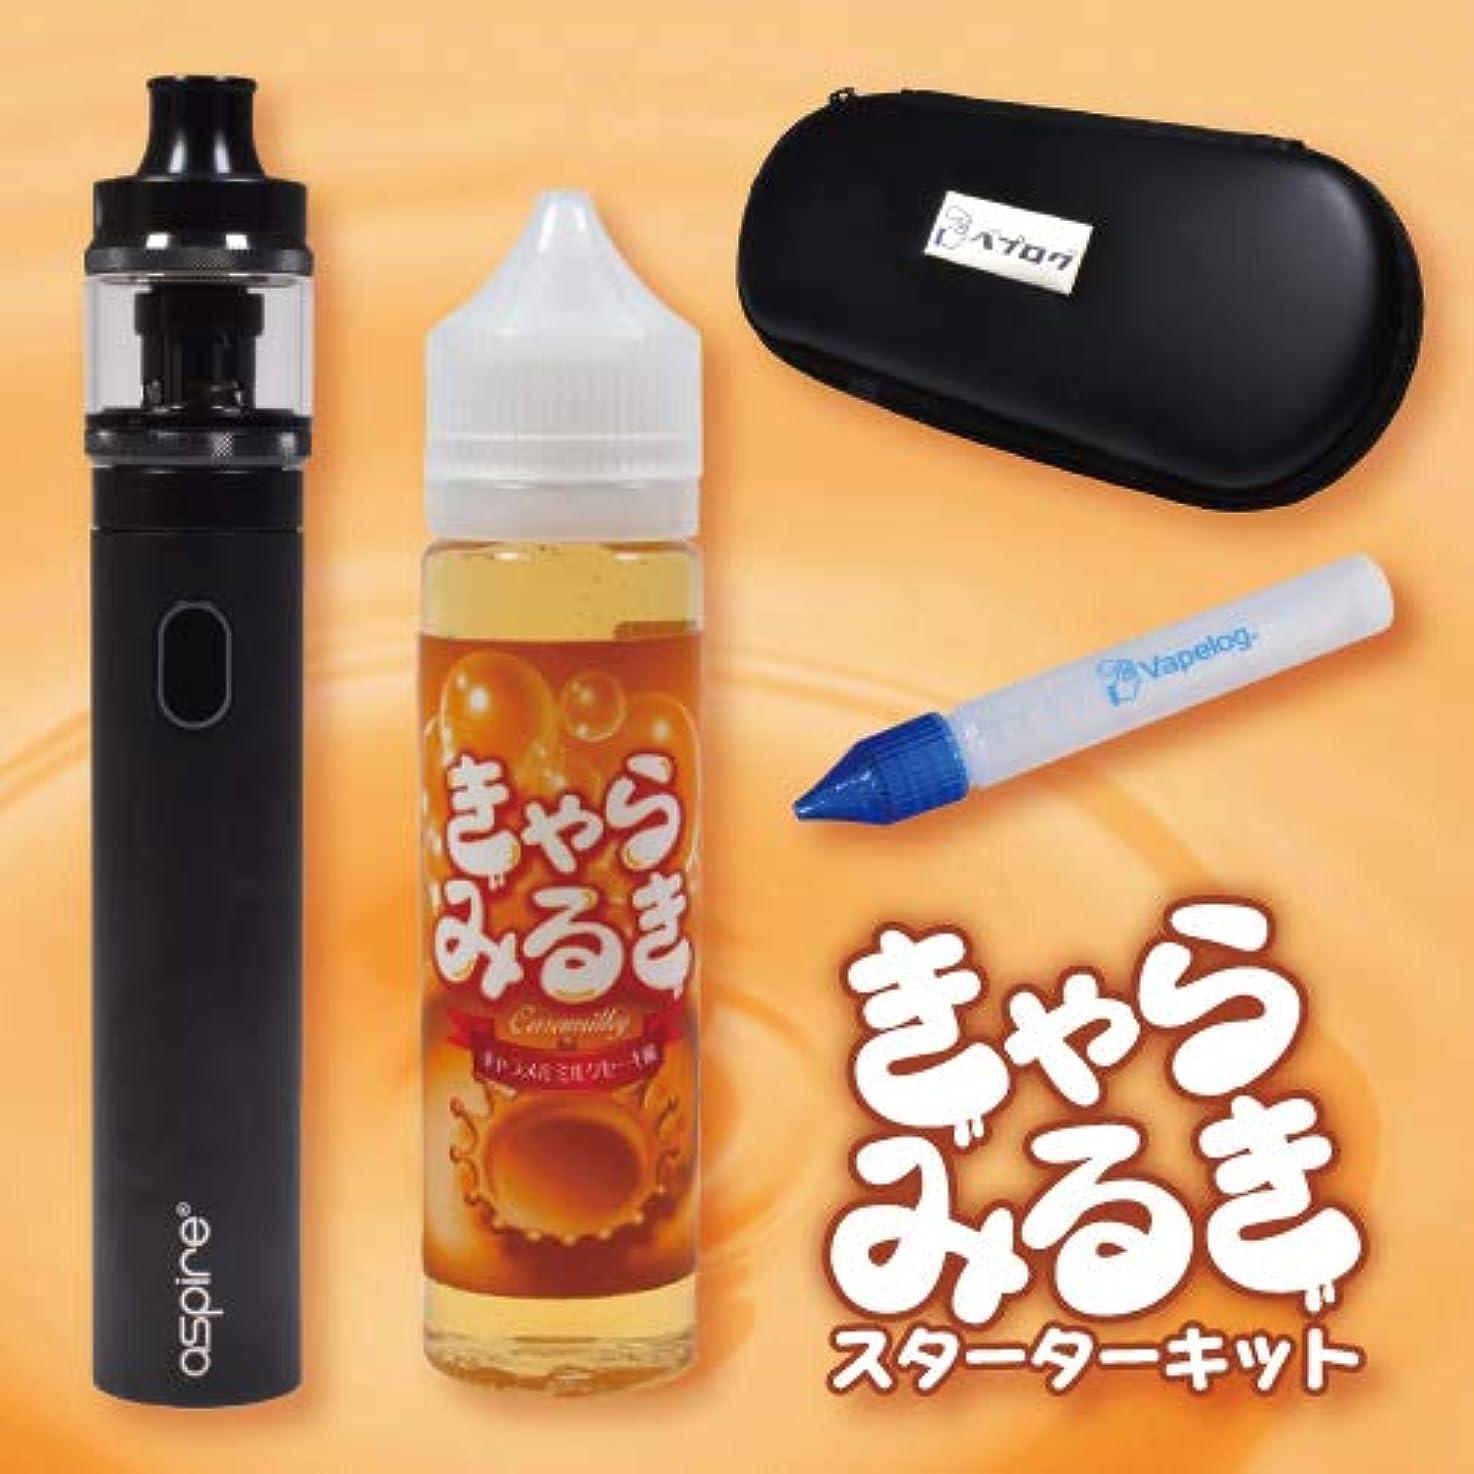 ロケット罹患率魅惑的なベプログ きゃらみるき スターターキット 電子タバコ (ブラック)